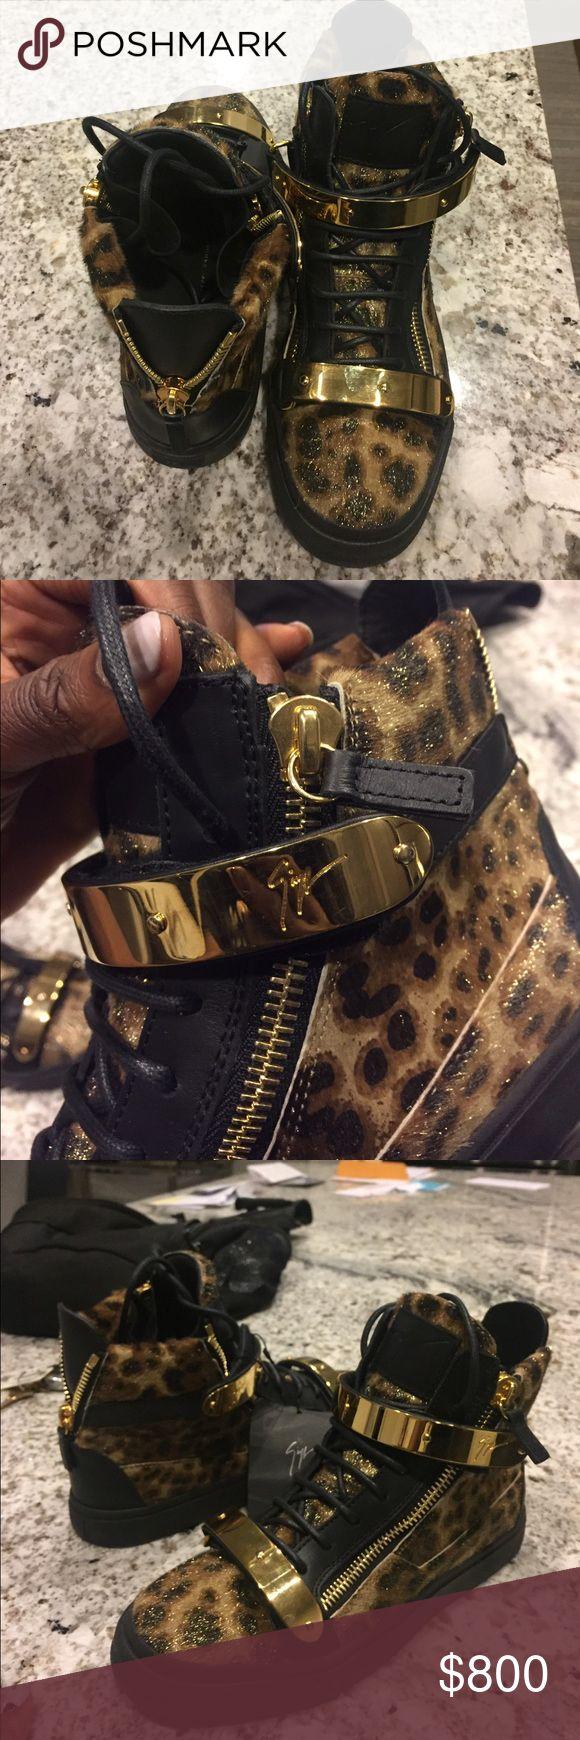 Giuseppe Zanotti Leopard Sneakers (Women's) Never Worn. Authentic Giuseppe sneakers. Size 9 (Women's) Giuseppe Zanotti Shoes Sneakers